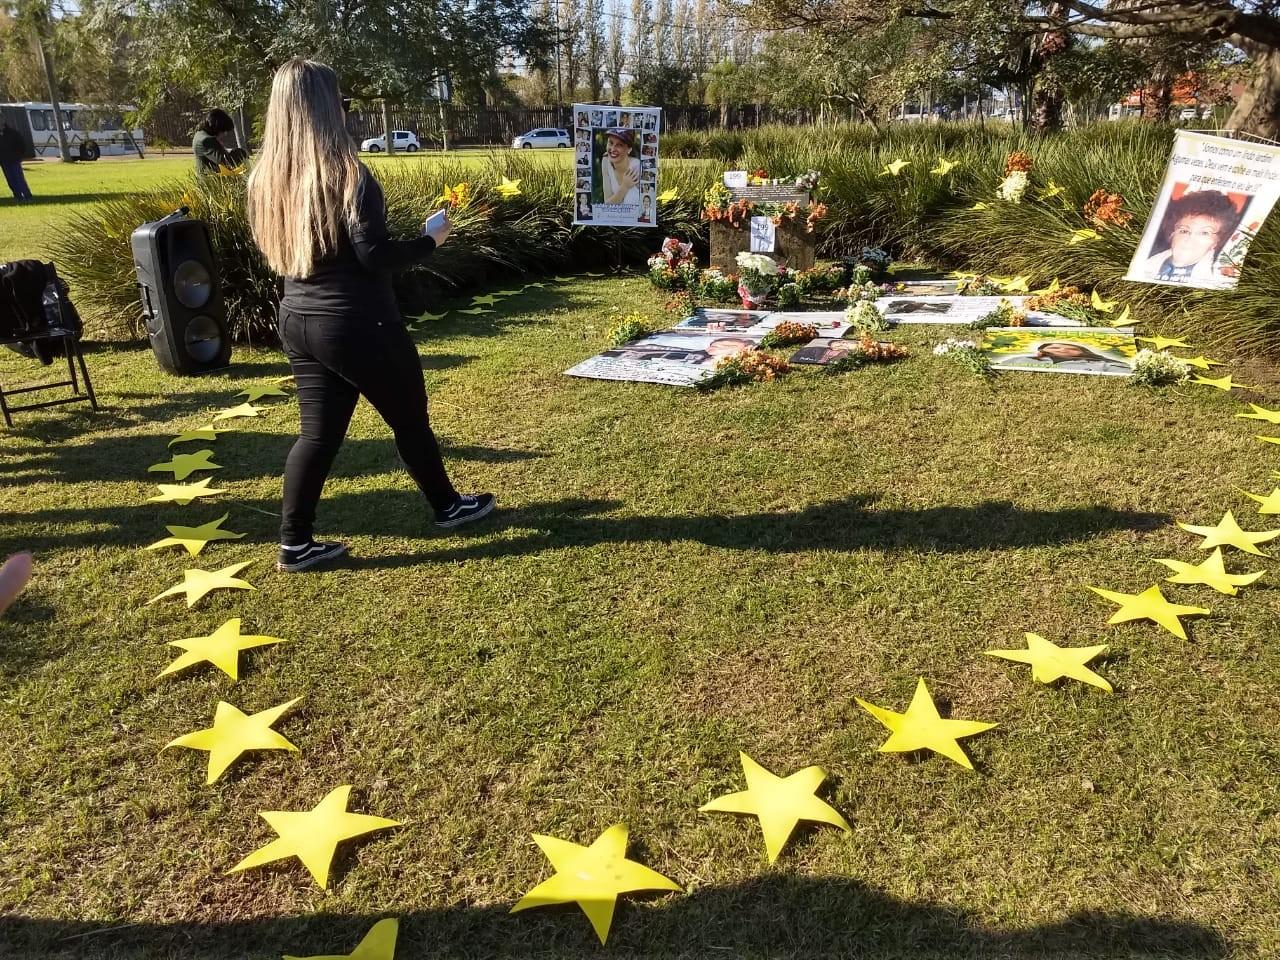 Acidente da TAM completa 12 anos, e famílias homenageiam vítimas em Porto Alegre - Notícias - Plantão Diário